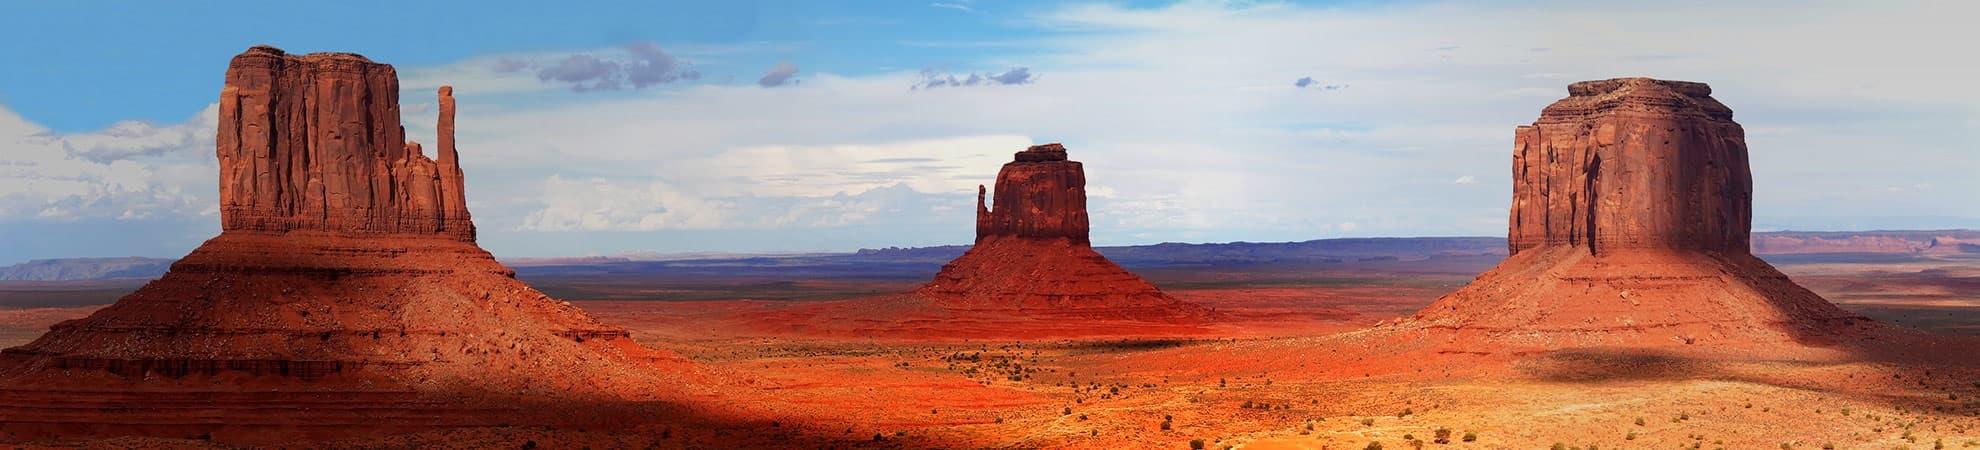 Voyage Le Sud Ouest des Etats Unis